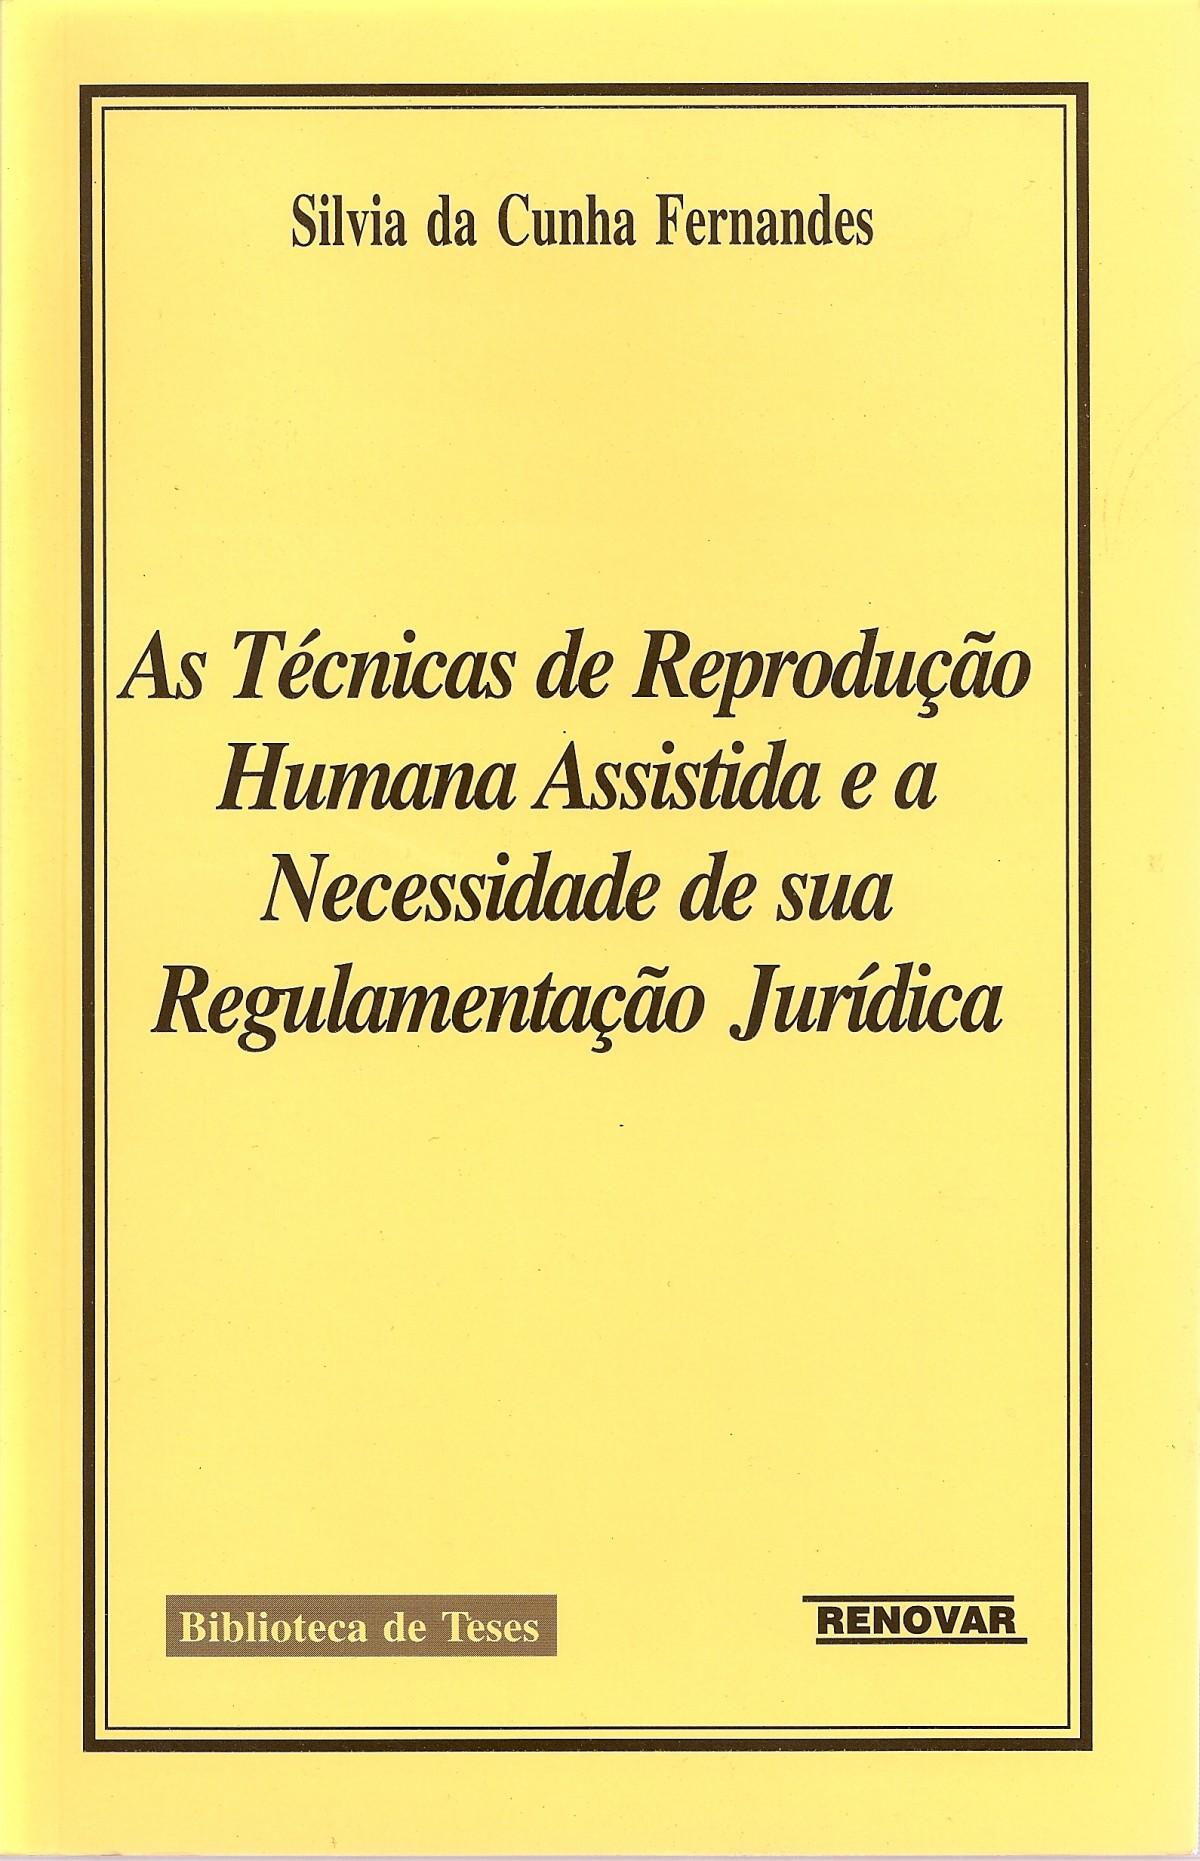 Foto 1 - As Técnicas de Reprodução Humana Assistida e a Necessidade de Sua Regulamentação Jurídica